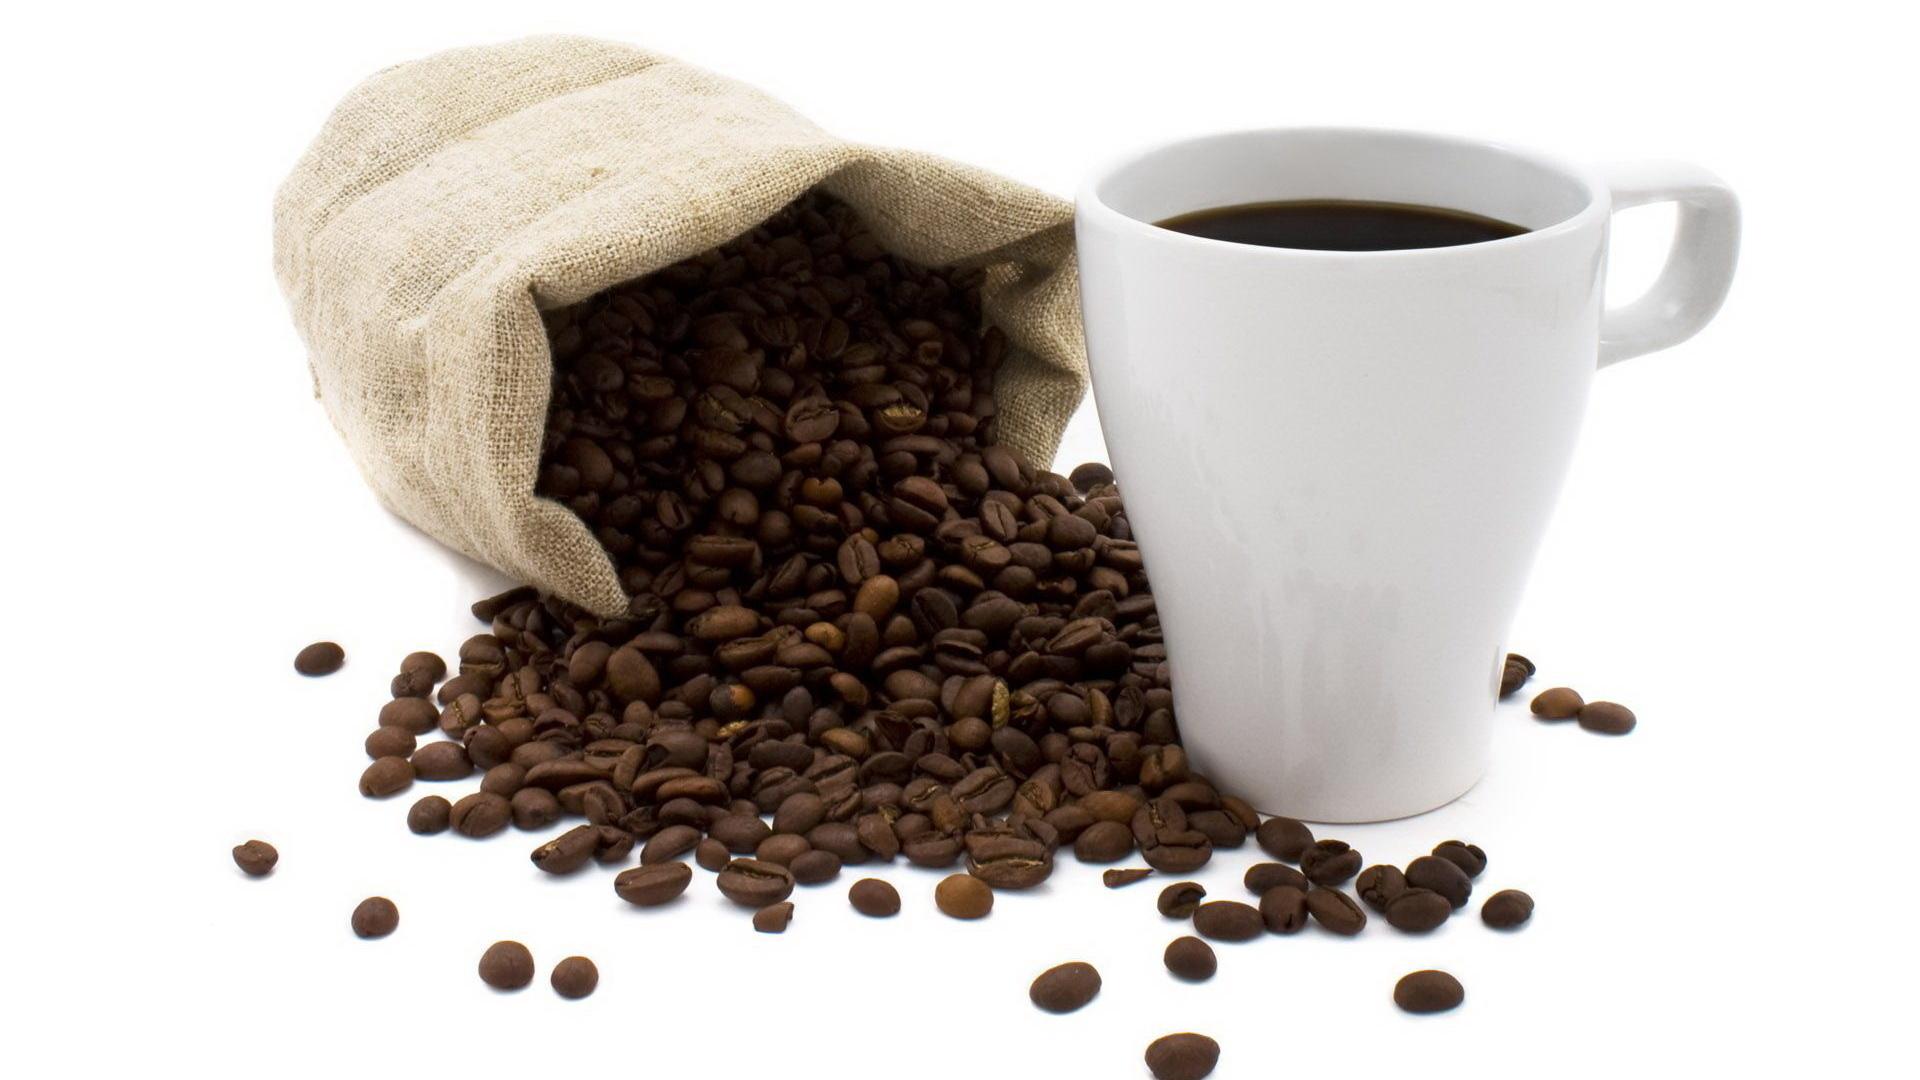 Кофе / цикорий / какао